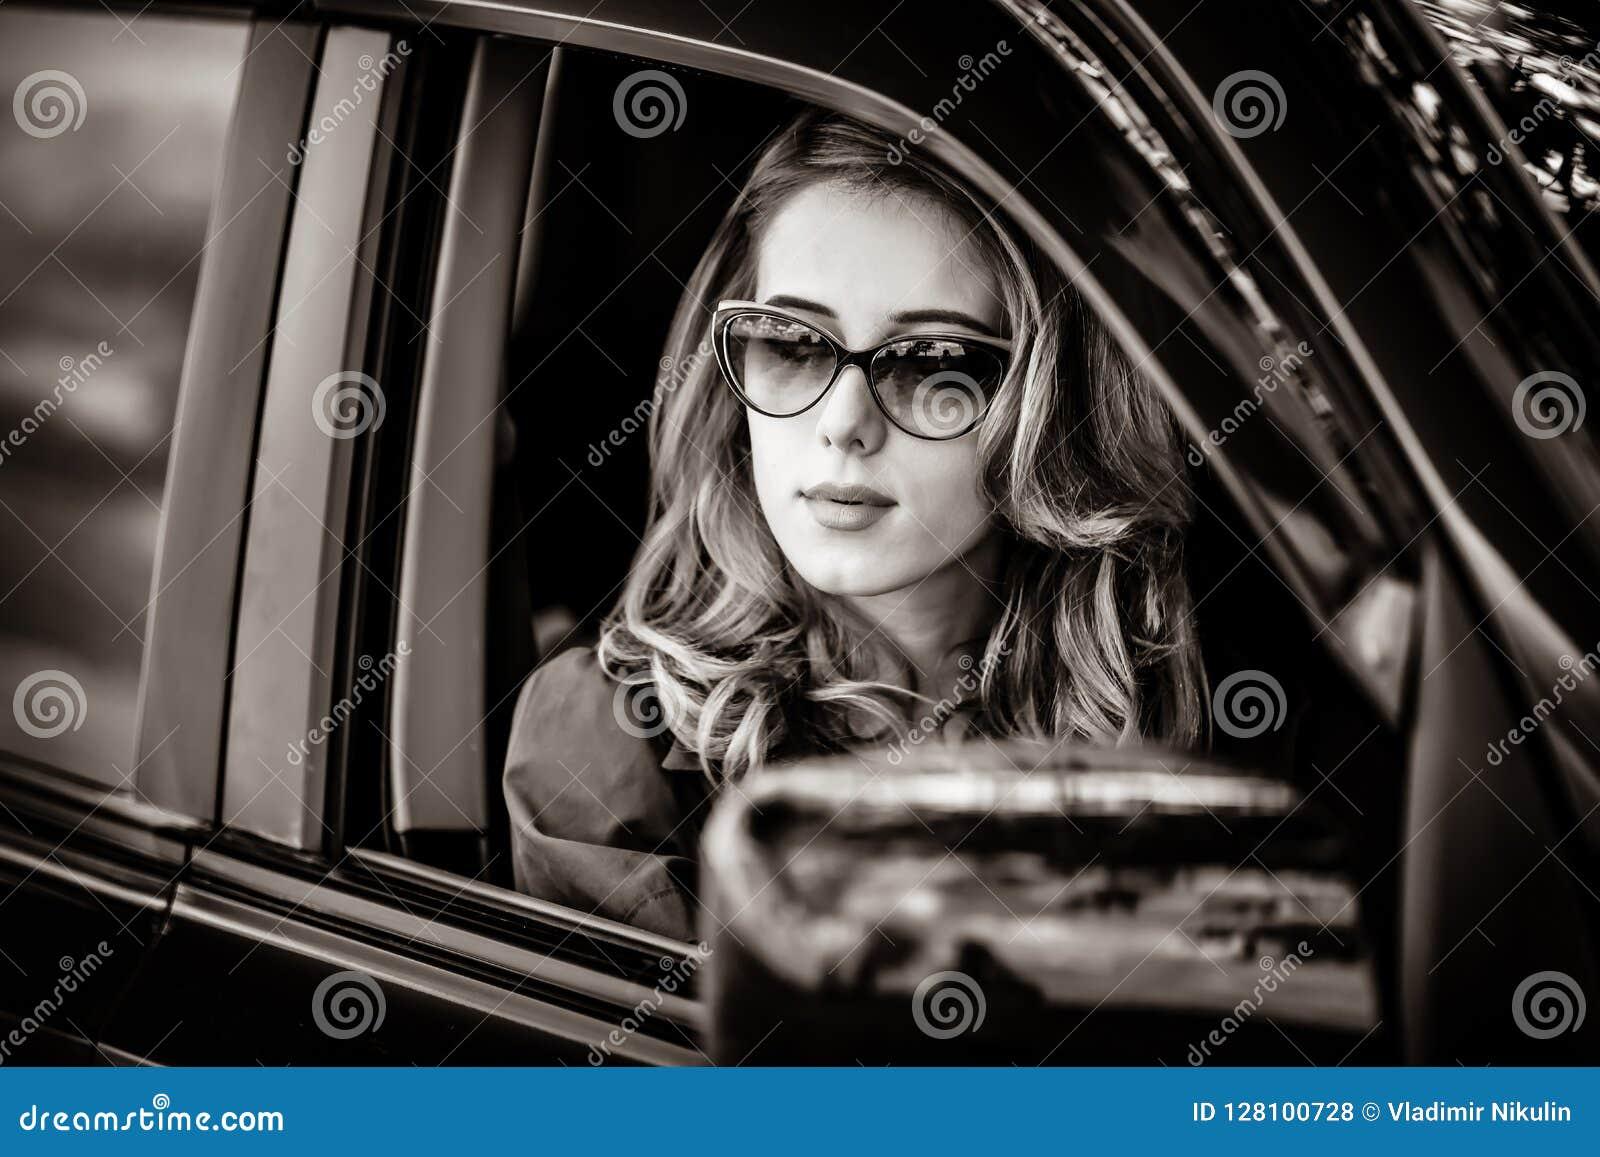 Beautiful redhead woman in the car.